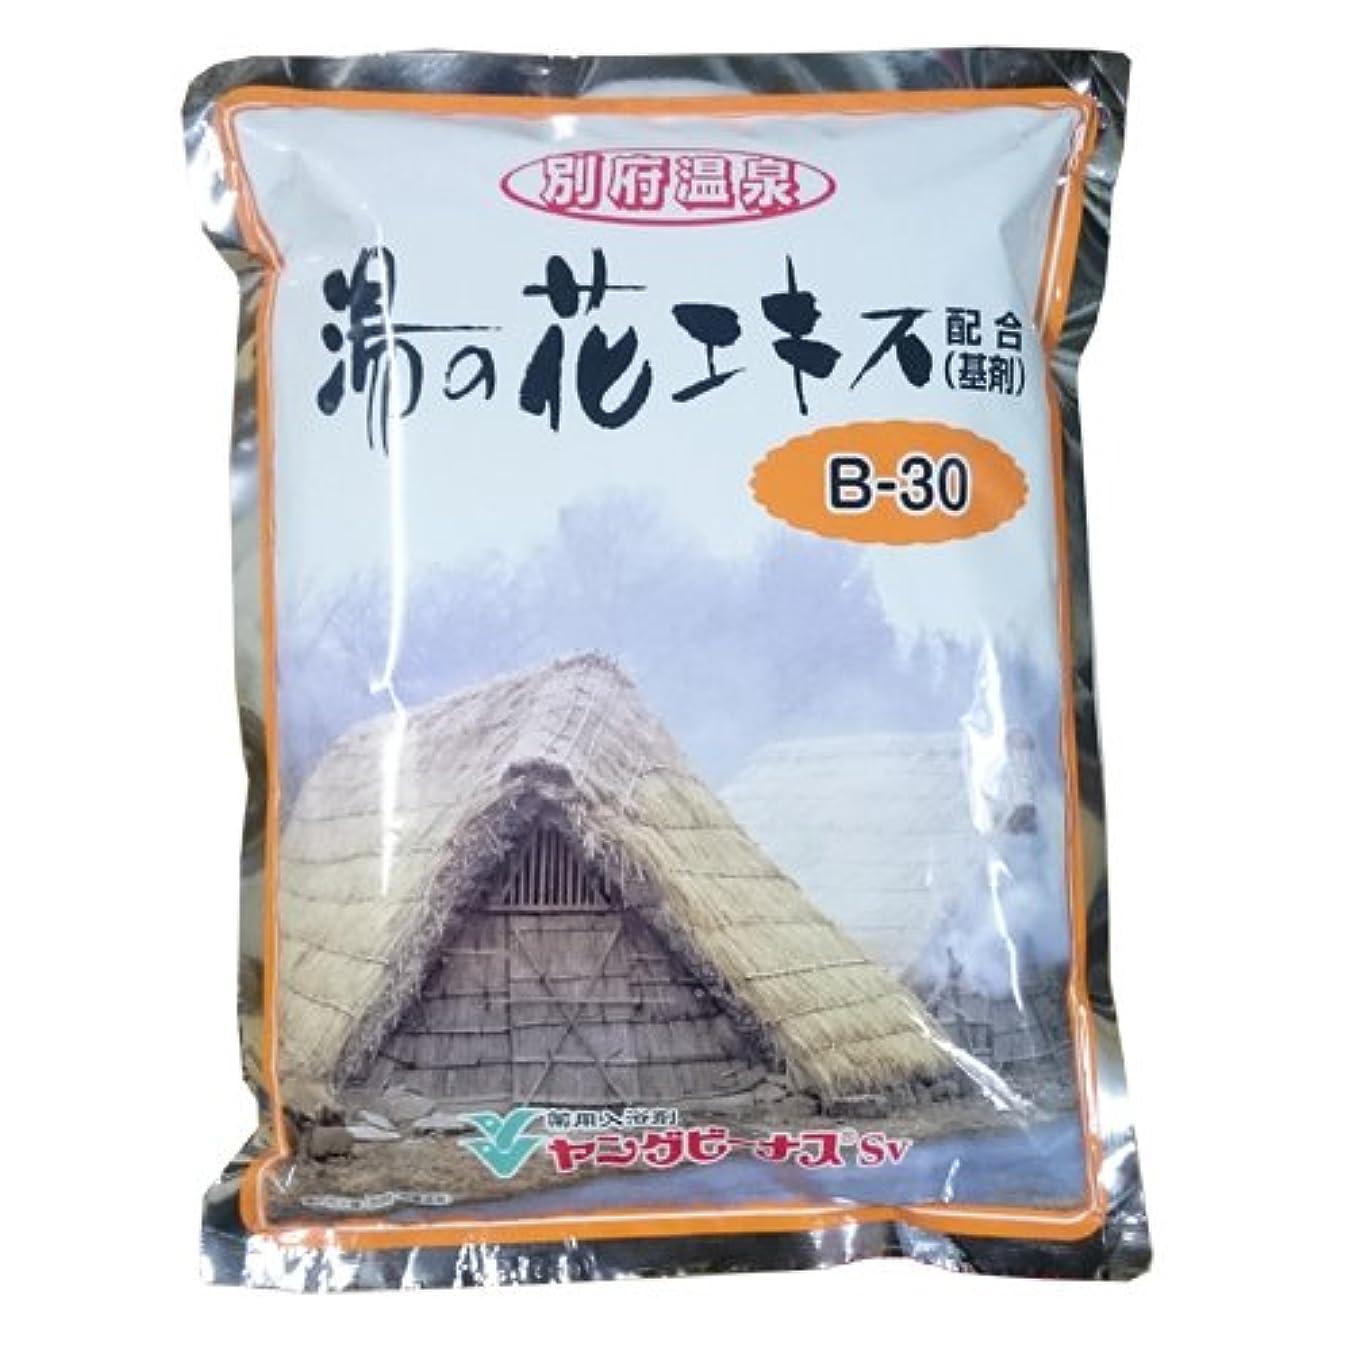 クリークコロニークローン【6個】 薬用入浴剤 ヤングビーナス(詰替用)2.7kg×6個 (4963183501329)